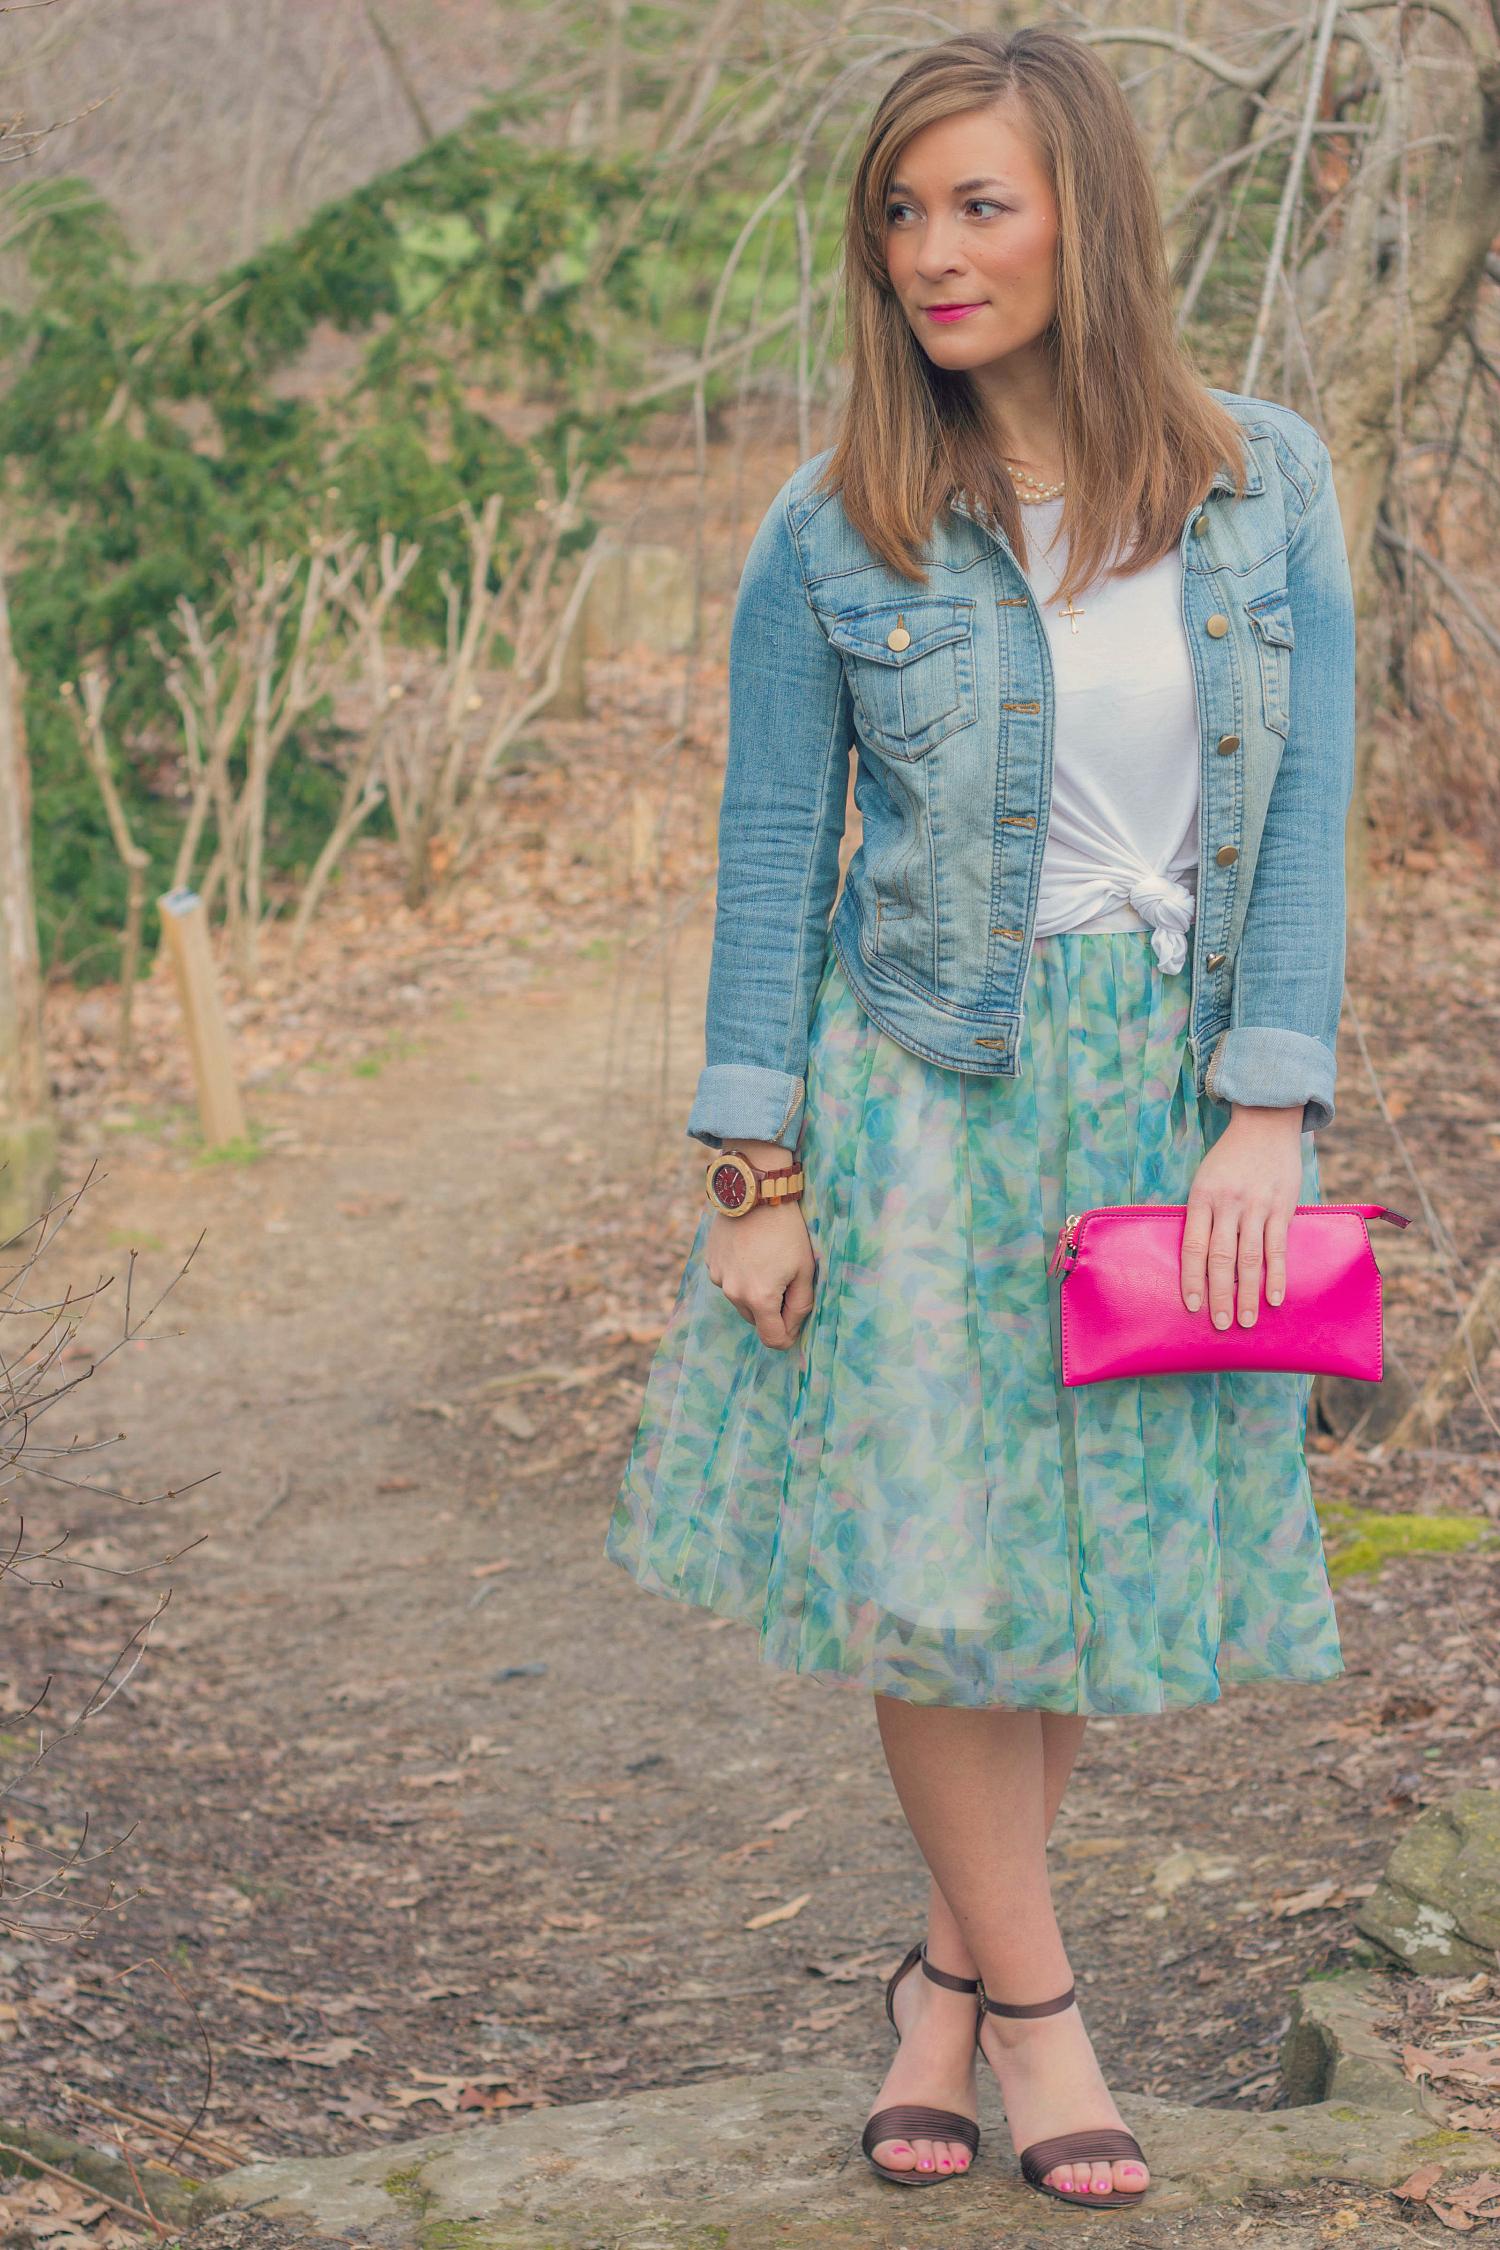 Tulle Skirt for Spring